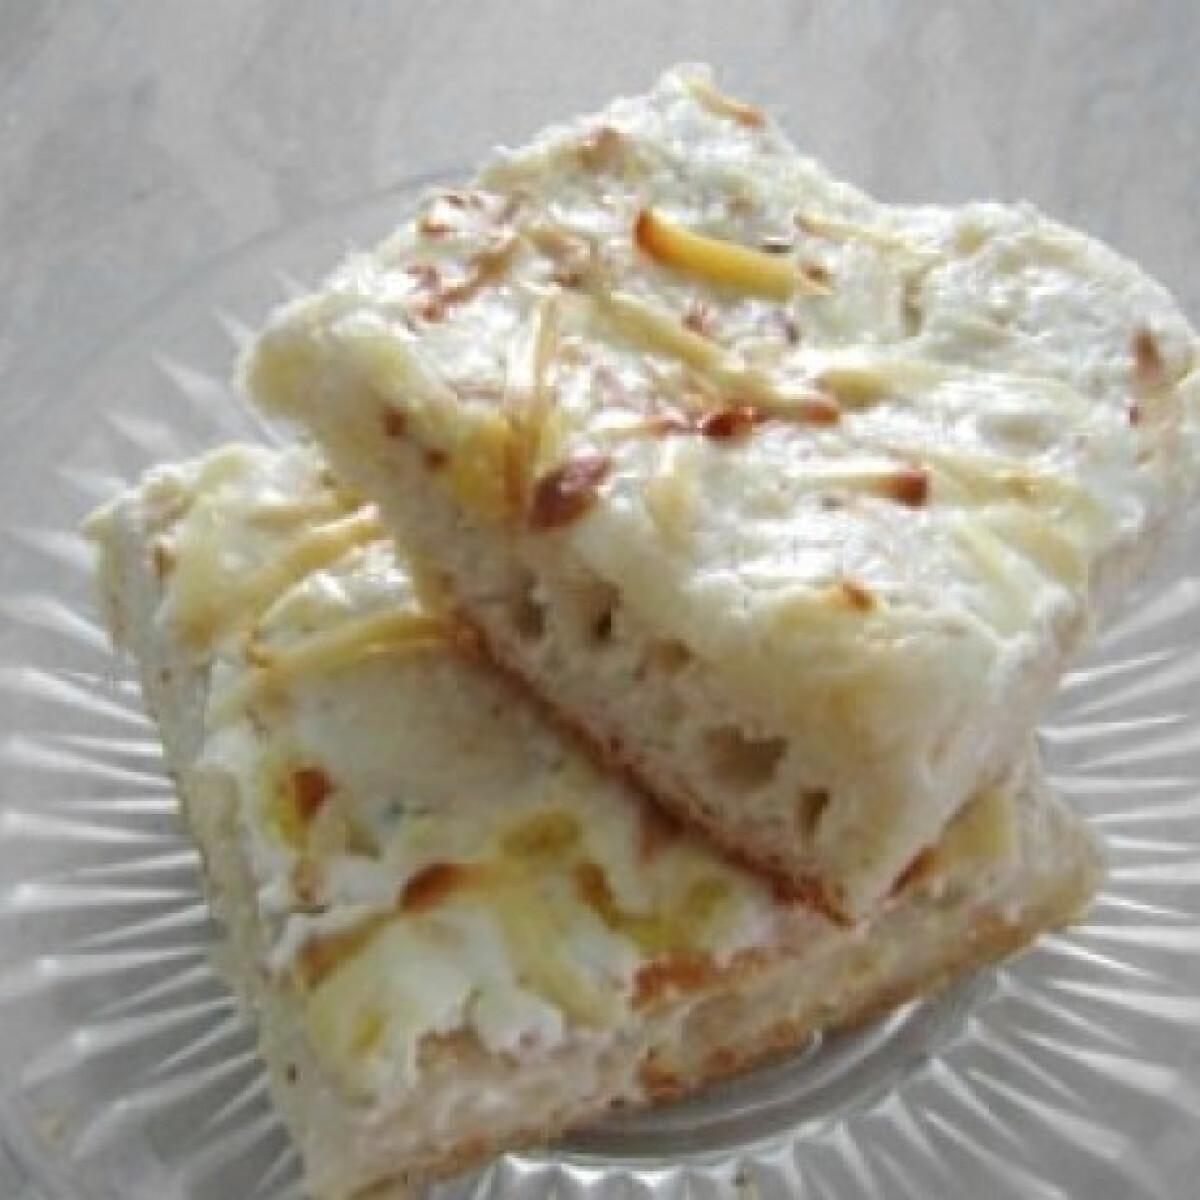 Ezen a képen: Tejfölös-sajtos lepény - Töki pompos